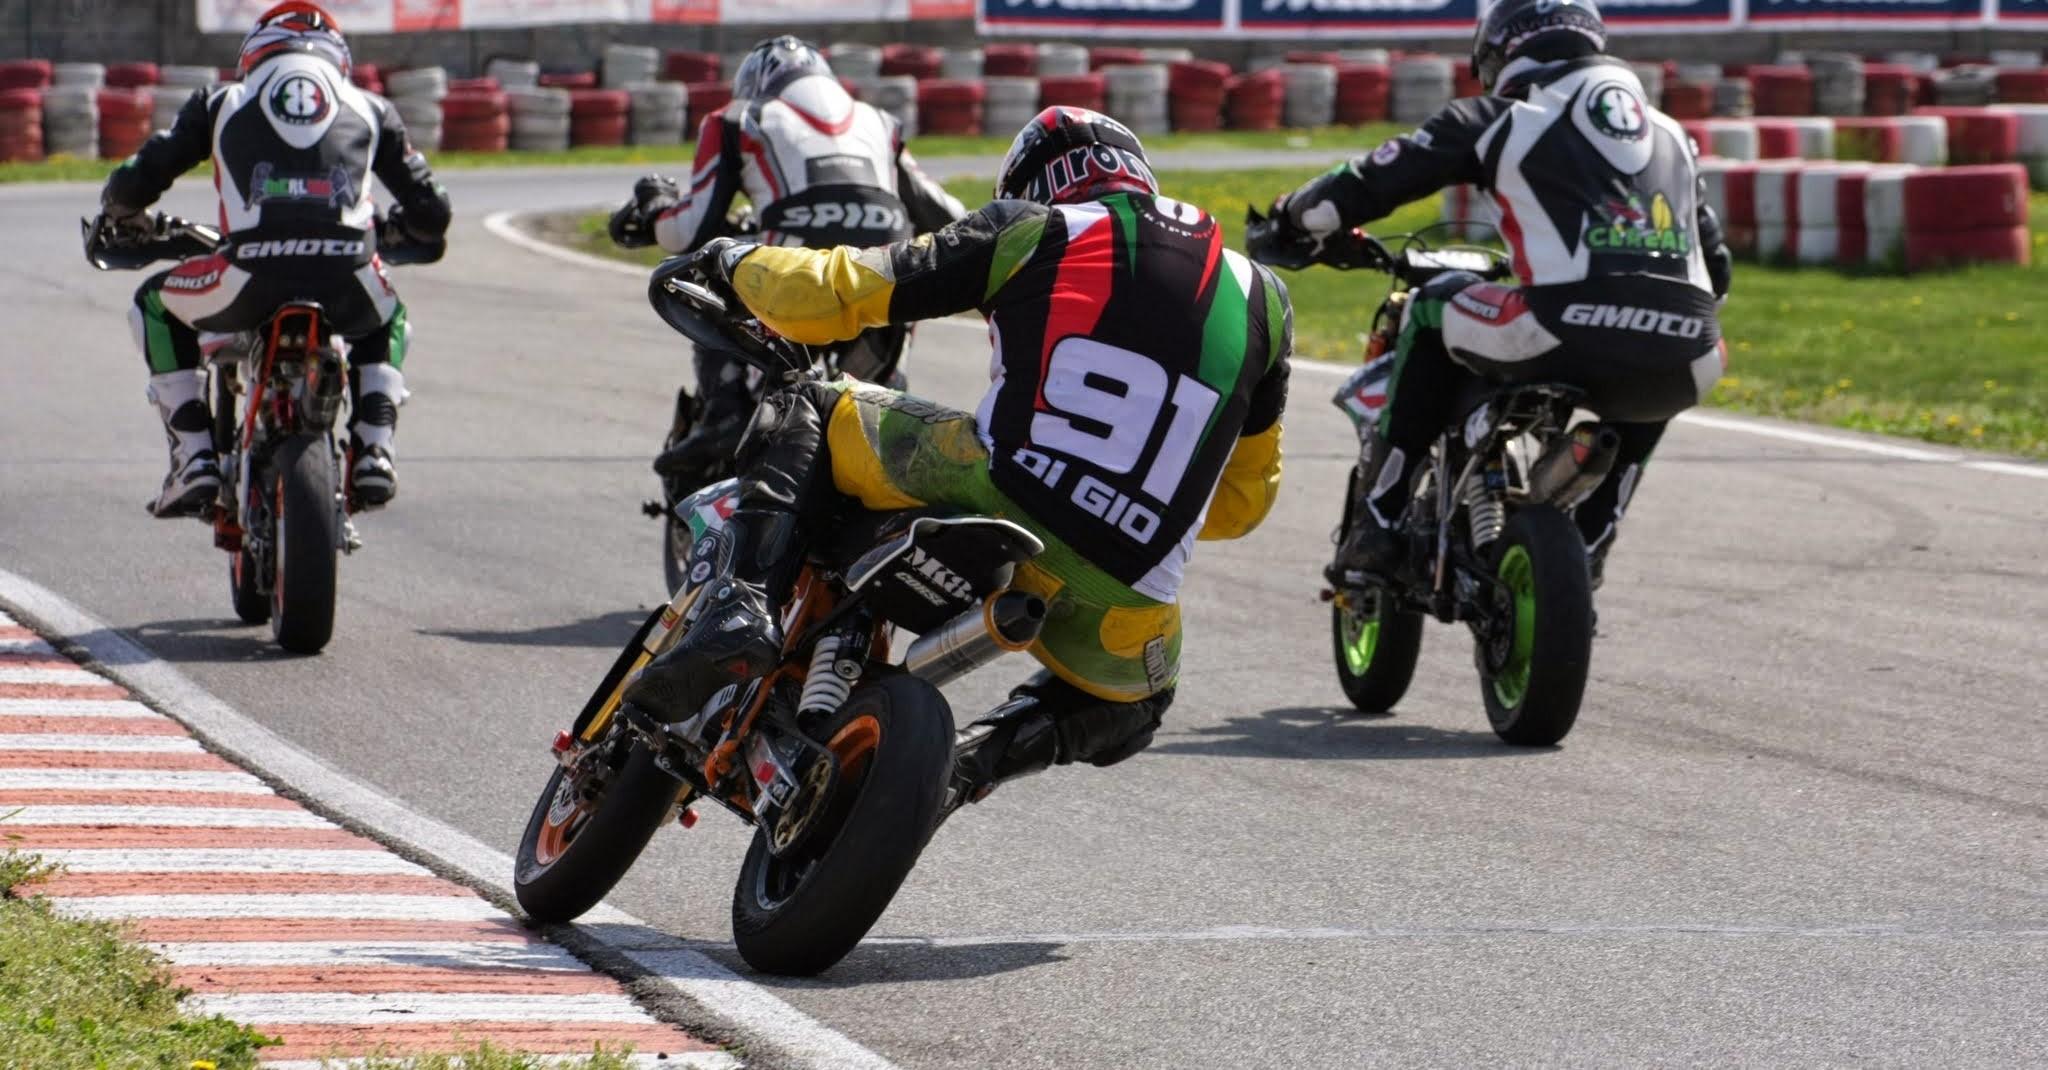 Trofeo 12 Pollici Italian Cup